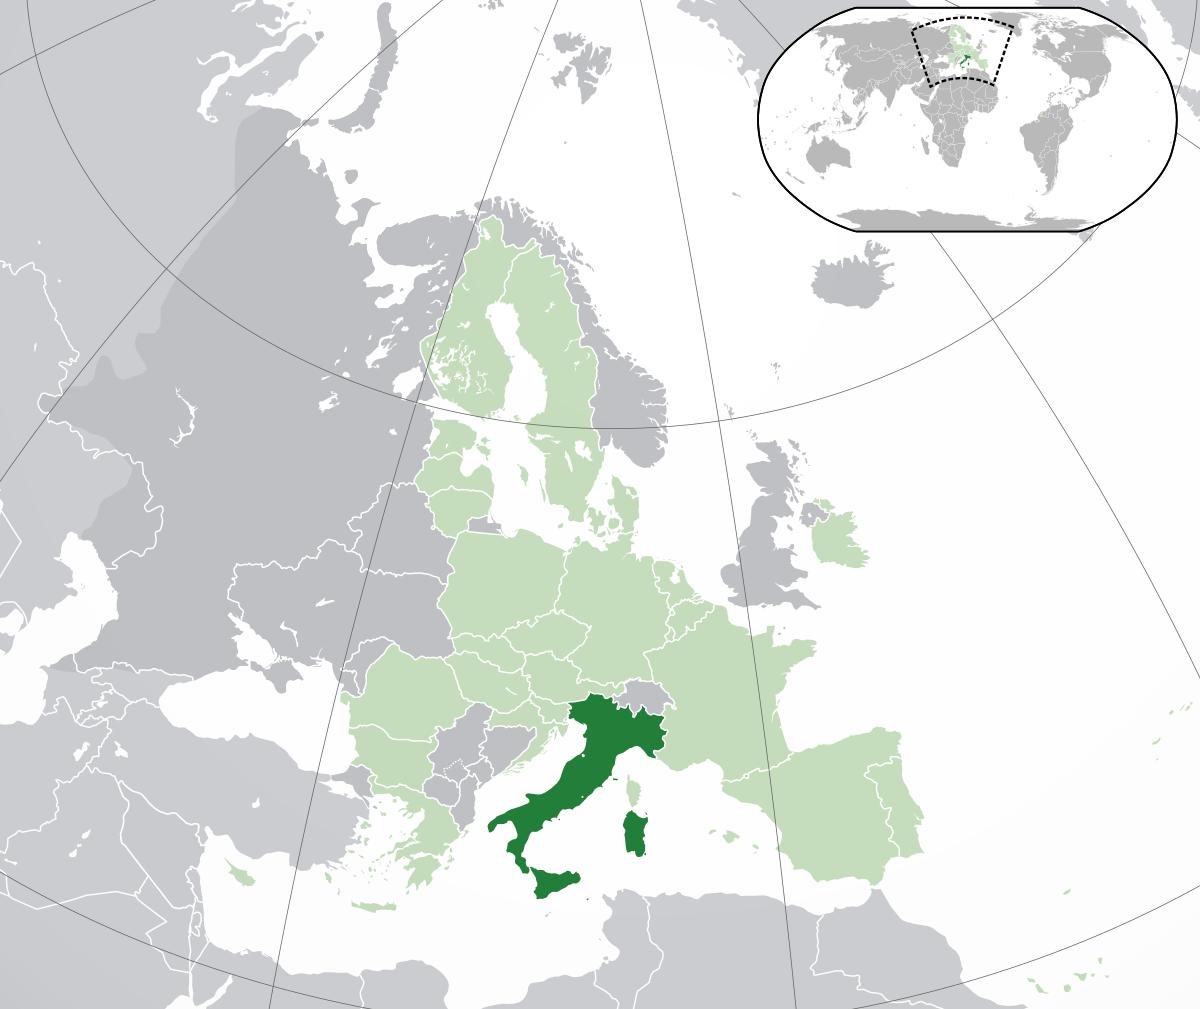 Quelle est la largeur de l'Italie?